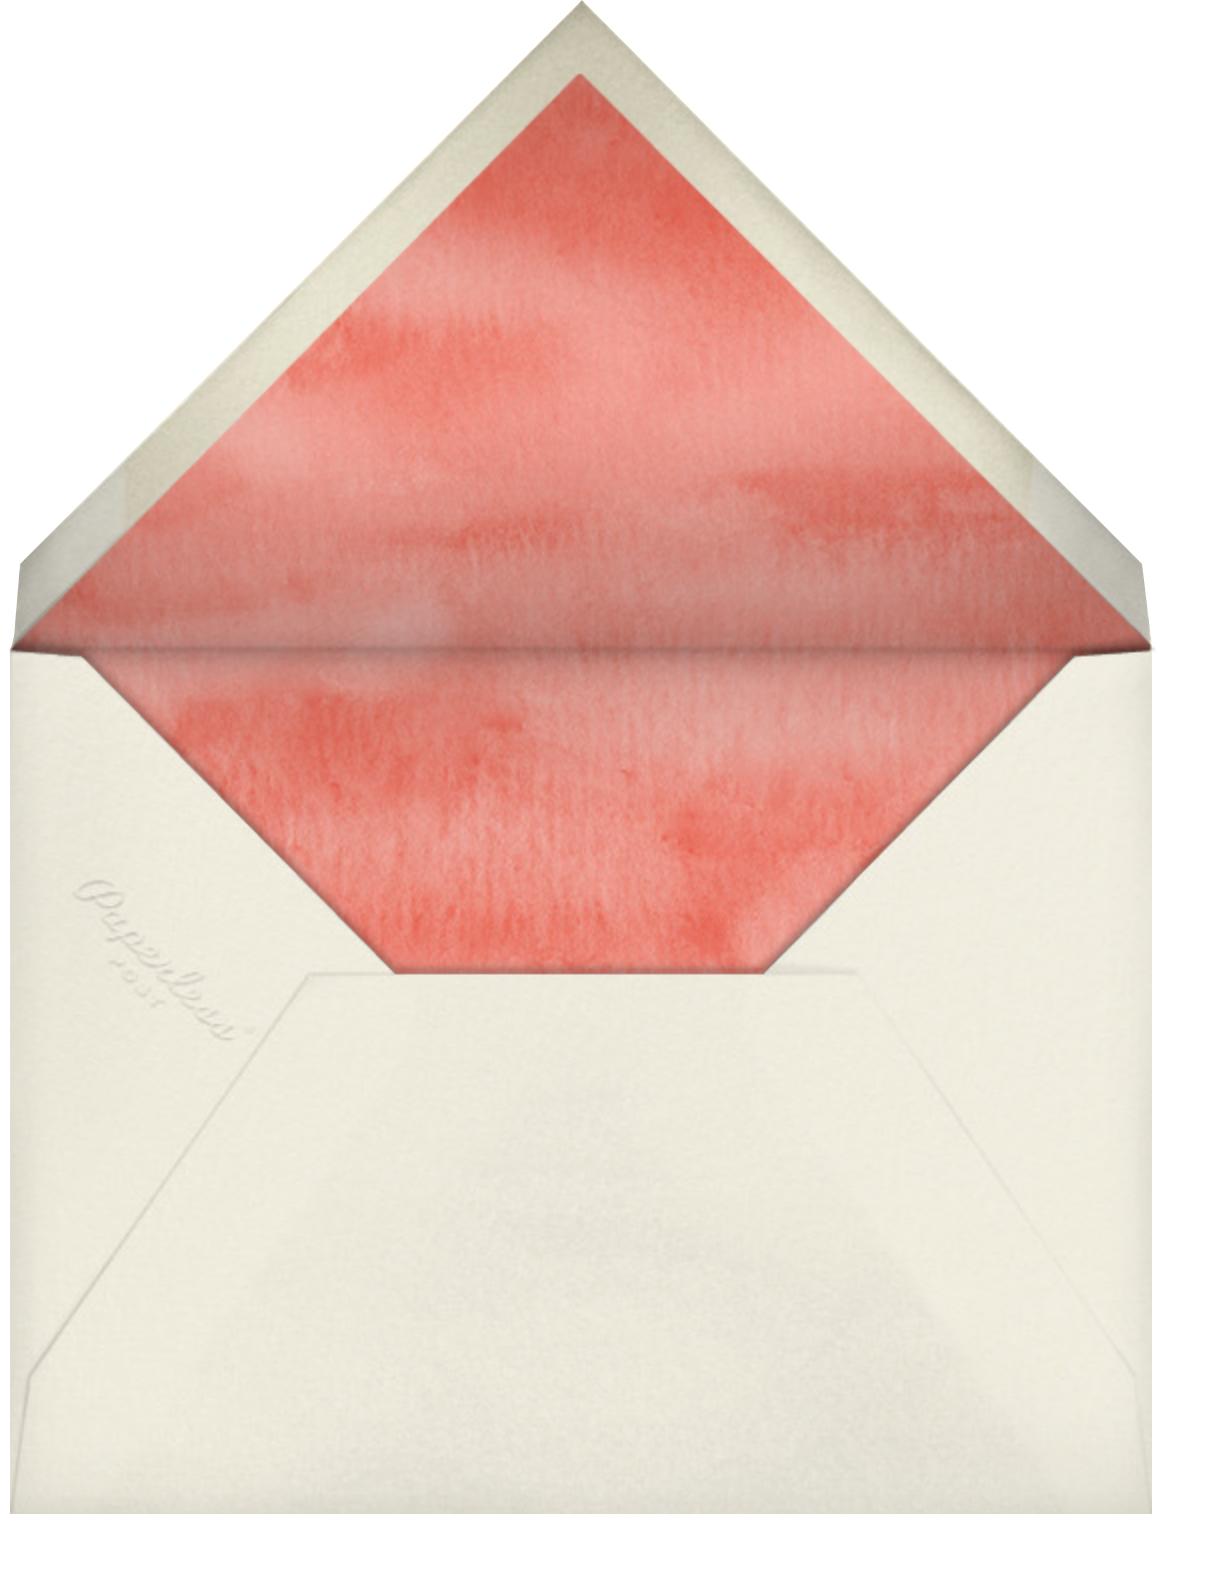 Autumn Boughs (Stationery) - Felix Doolittle - Personalized stationery - envelope back